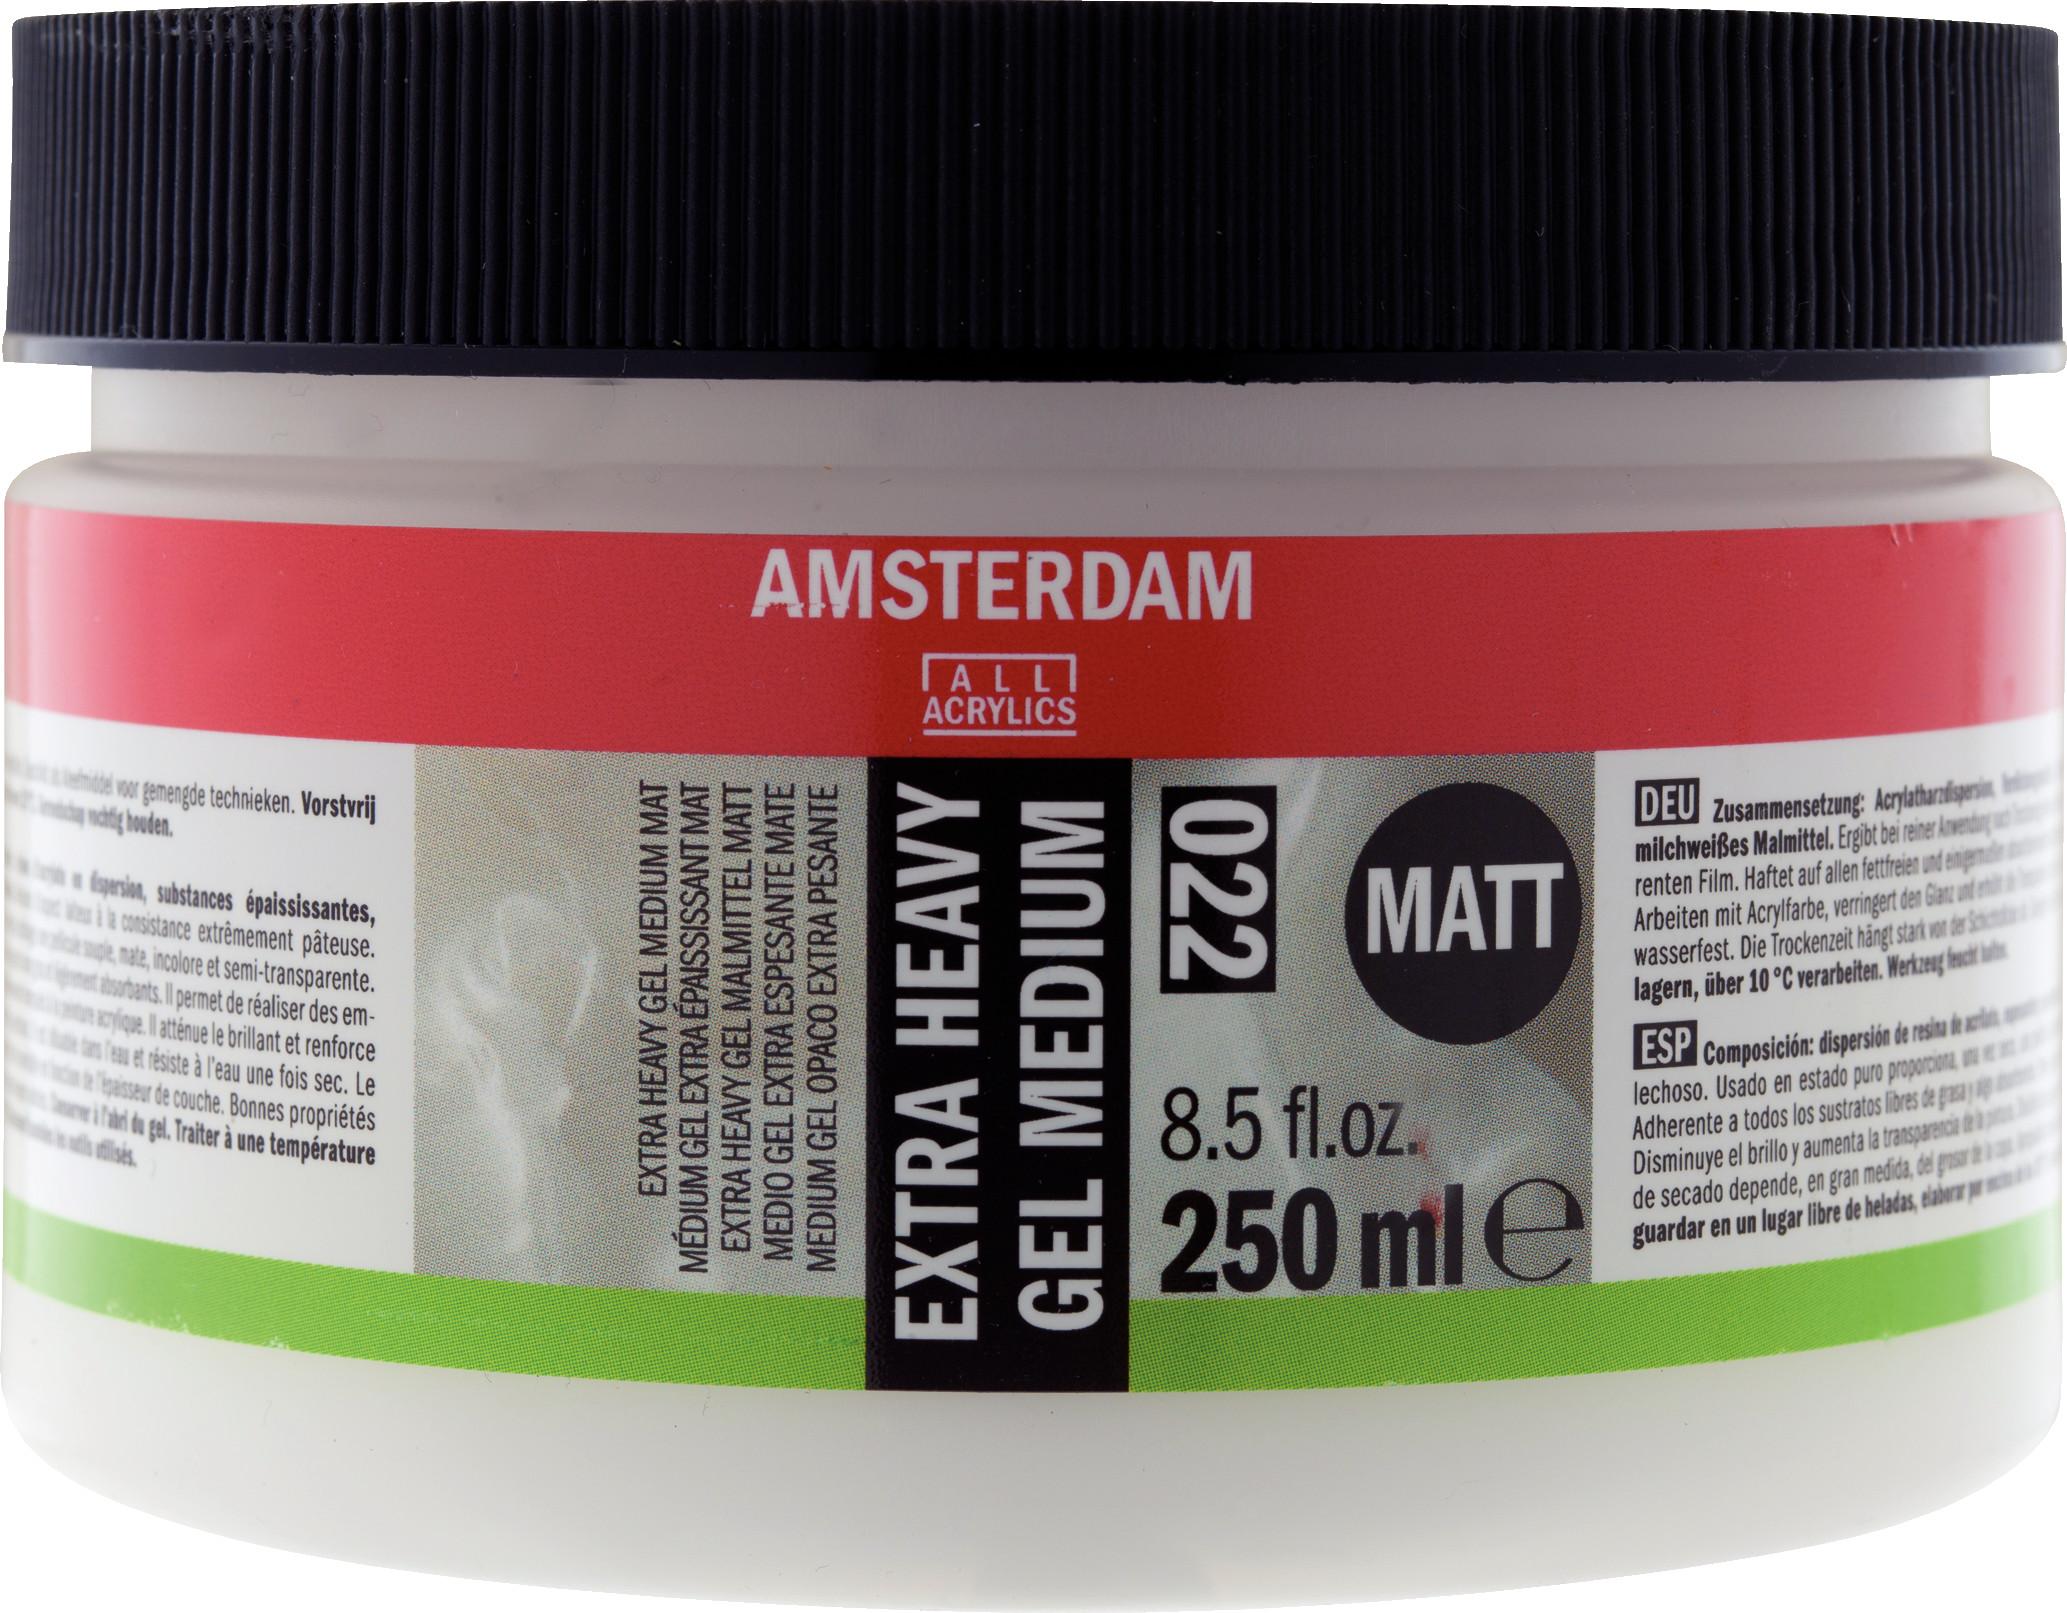 Amsterdam Extra Heavy Gel Medium Matt Jar 250 ml